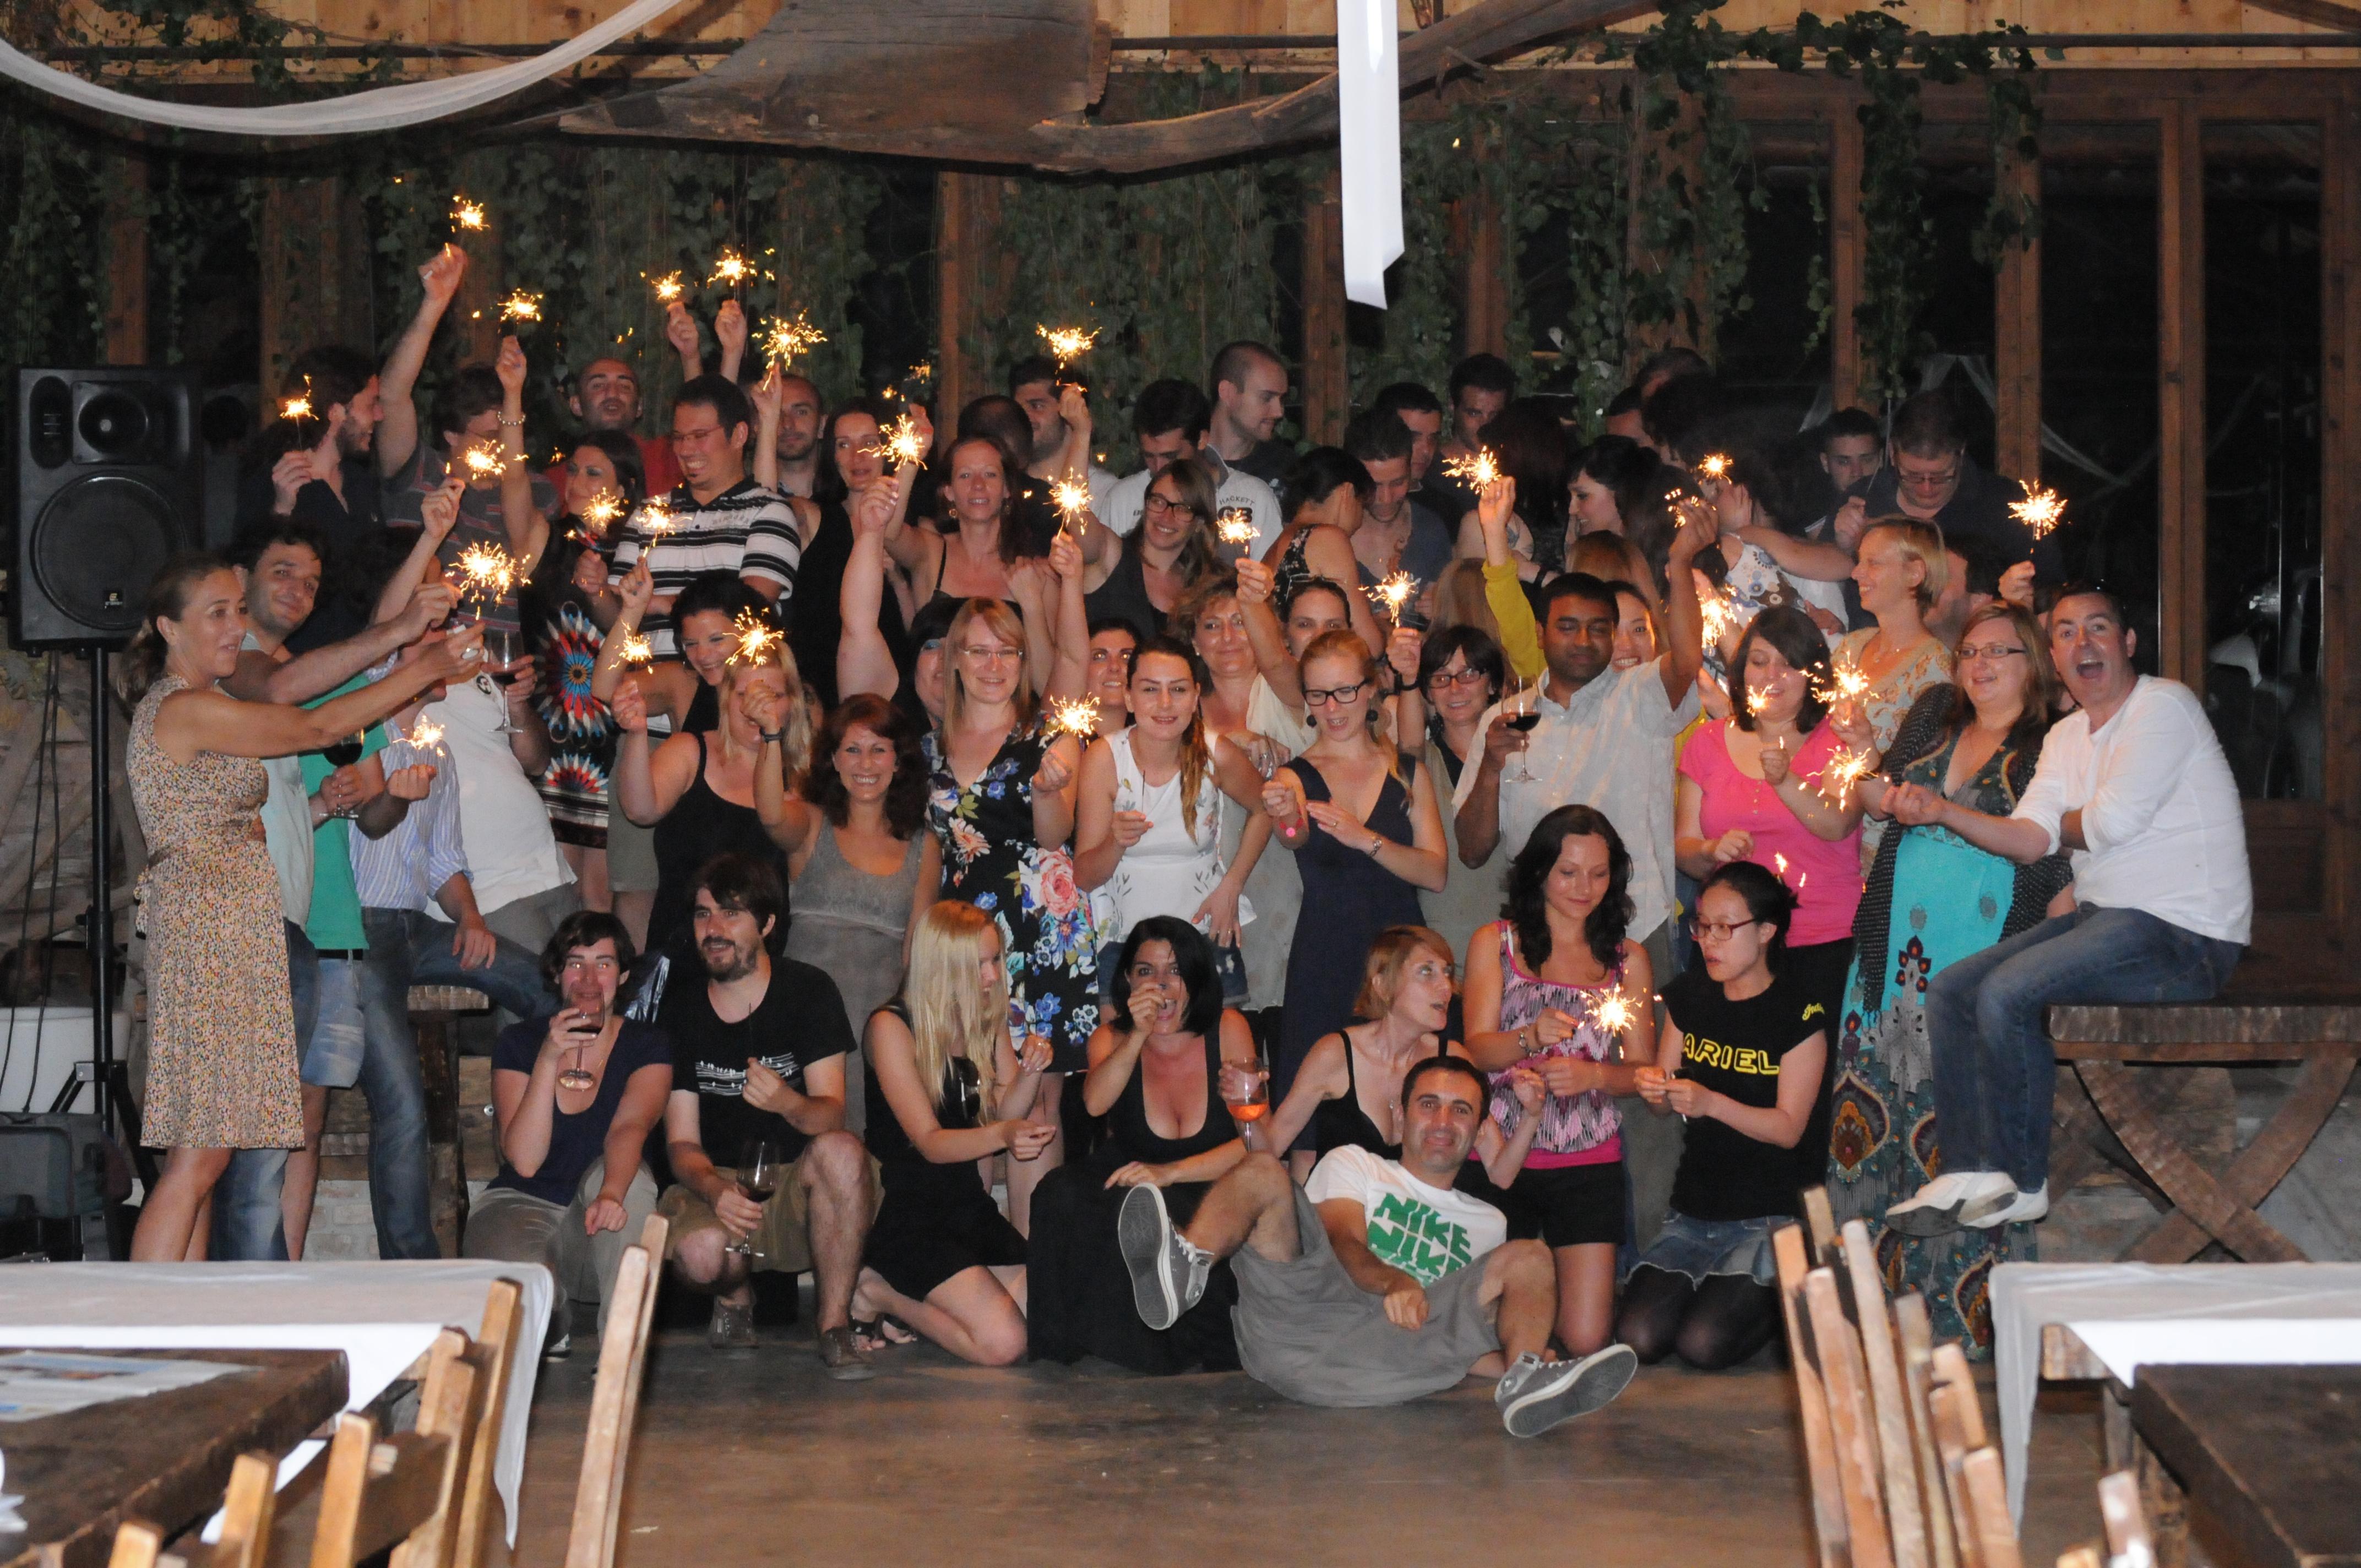 JOB RAPIDO – attività open air per 70persone presso Agriturismo Torrazzetta (PV)